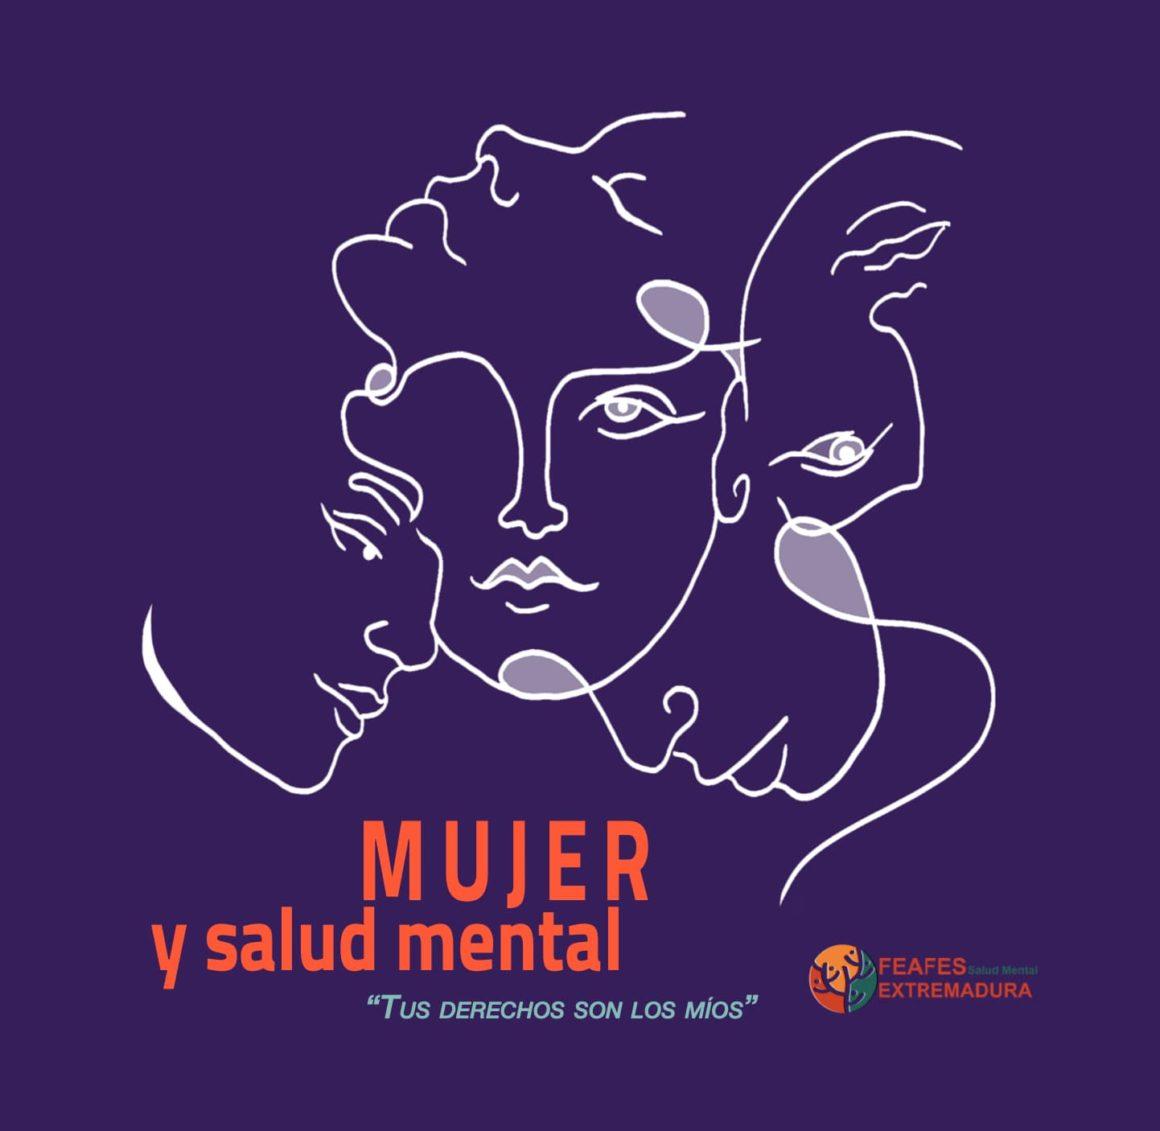 guia-derechos-mujer-discapacidad-psicologica-social